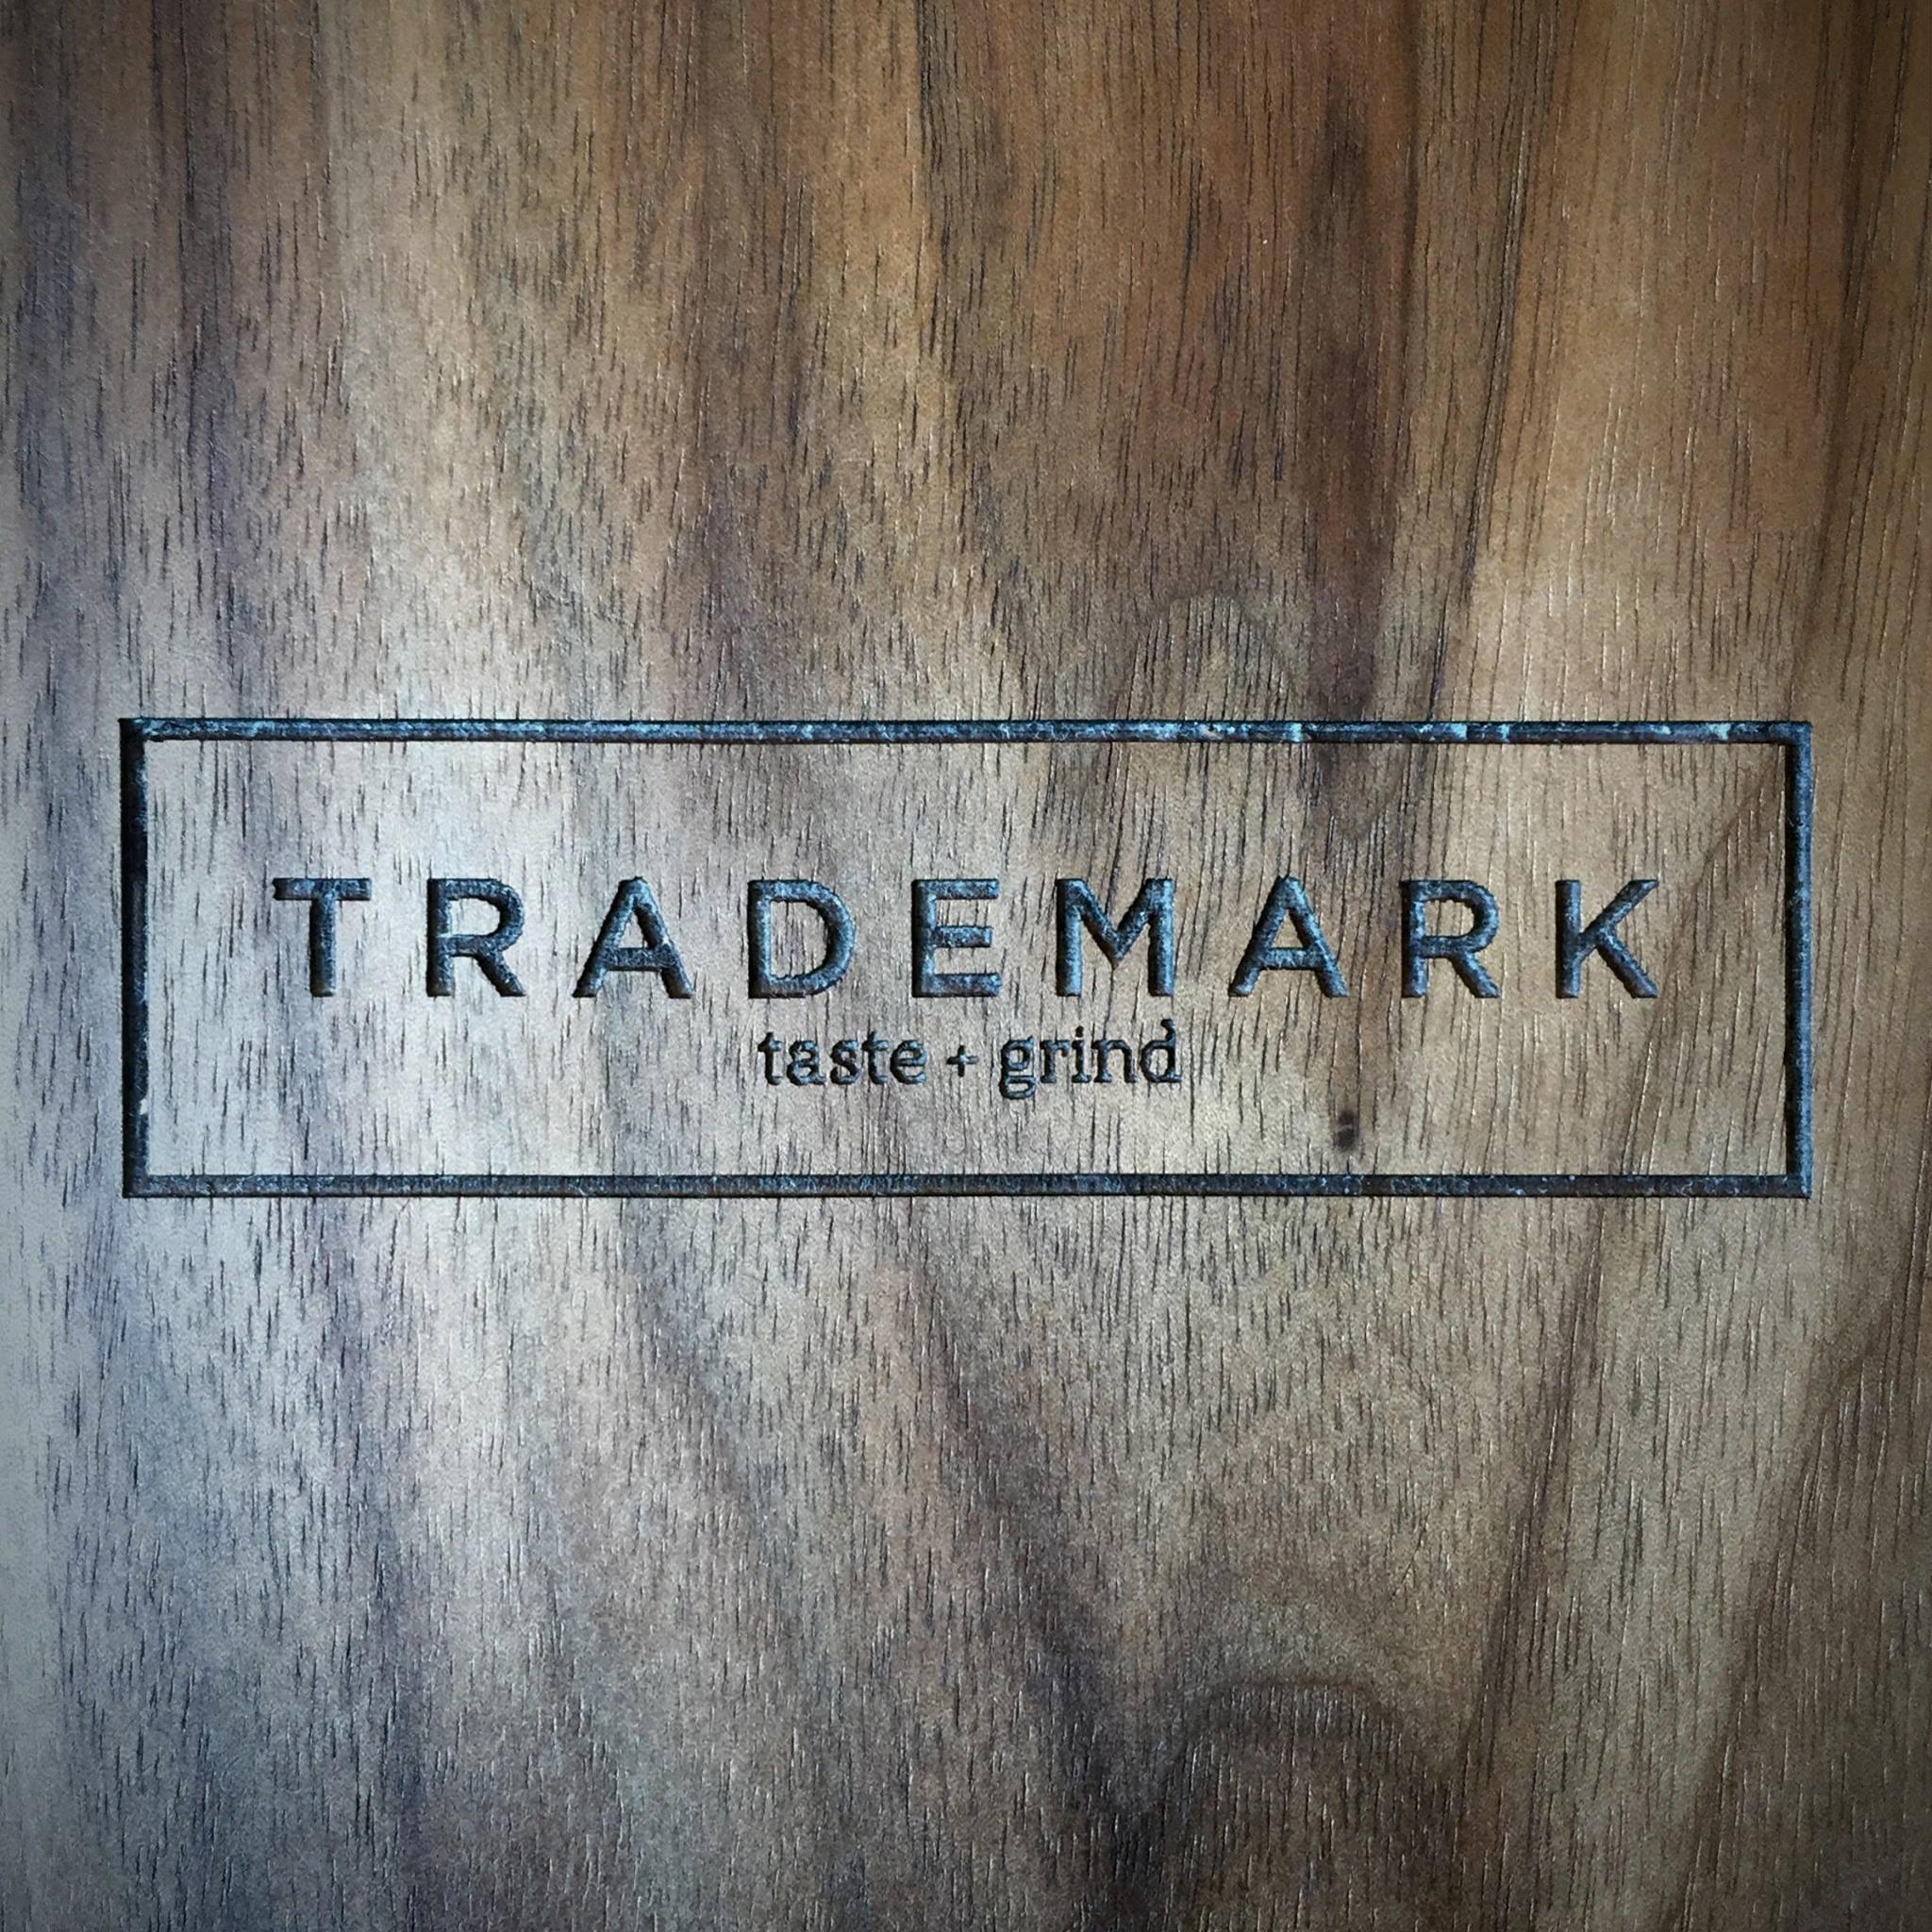 Trademark_6.jpg